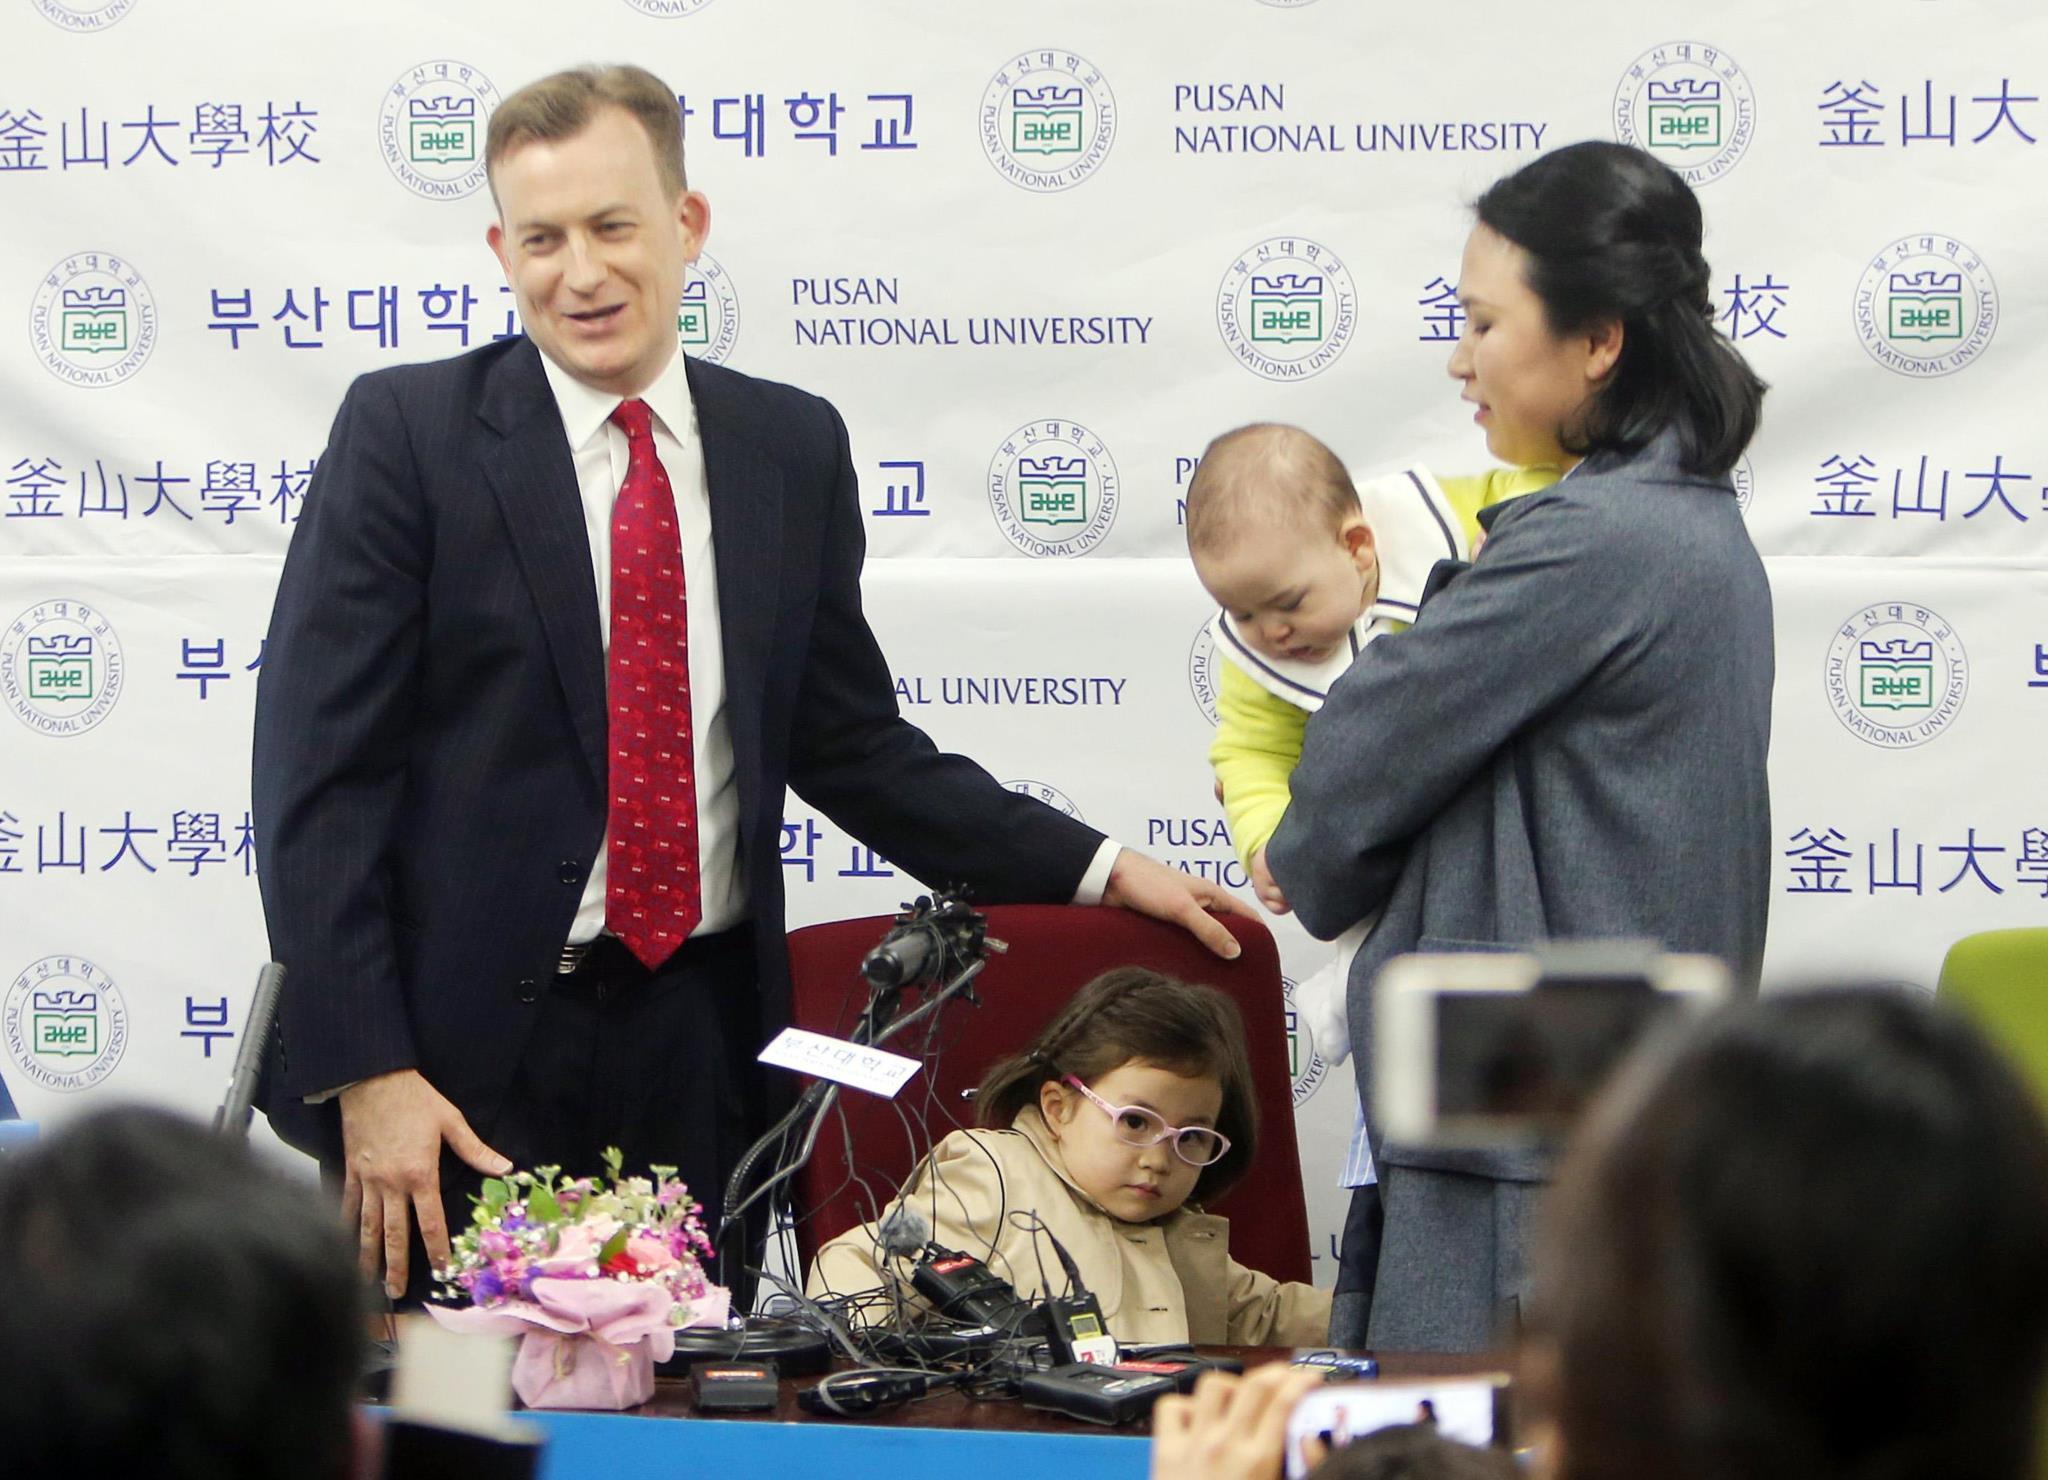 O professor, a mulher e os filhos deram uma conferência de imprensa depois do incidente